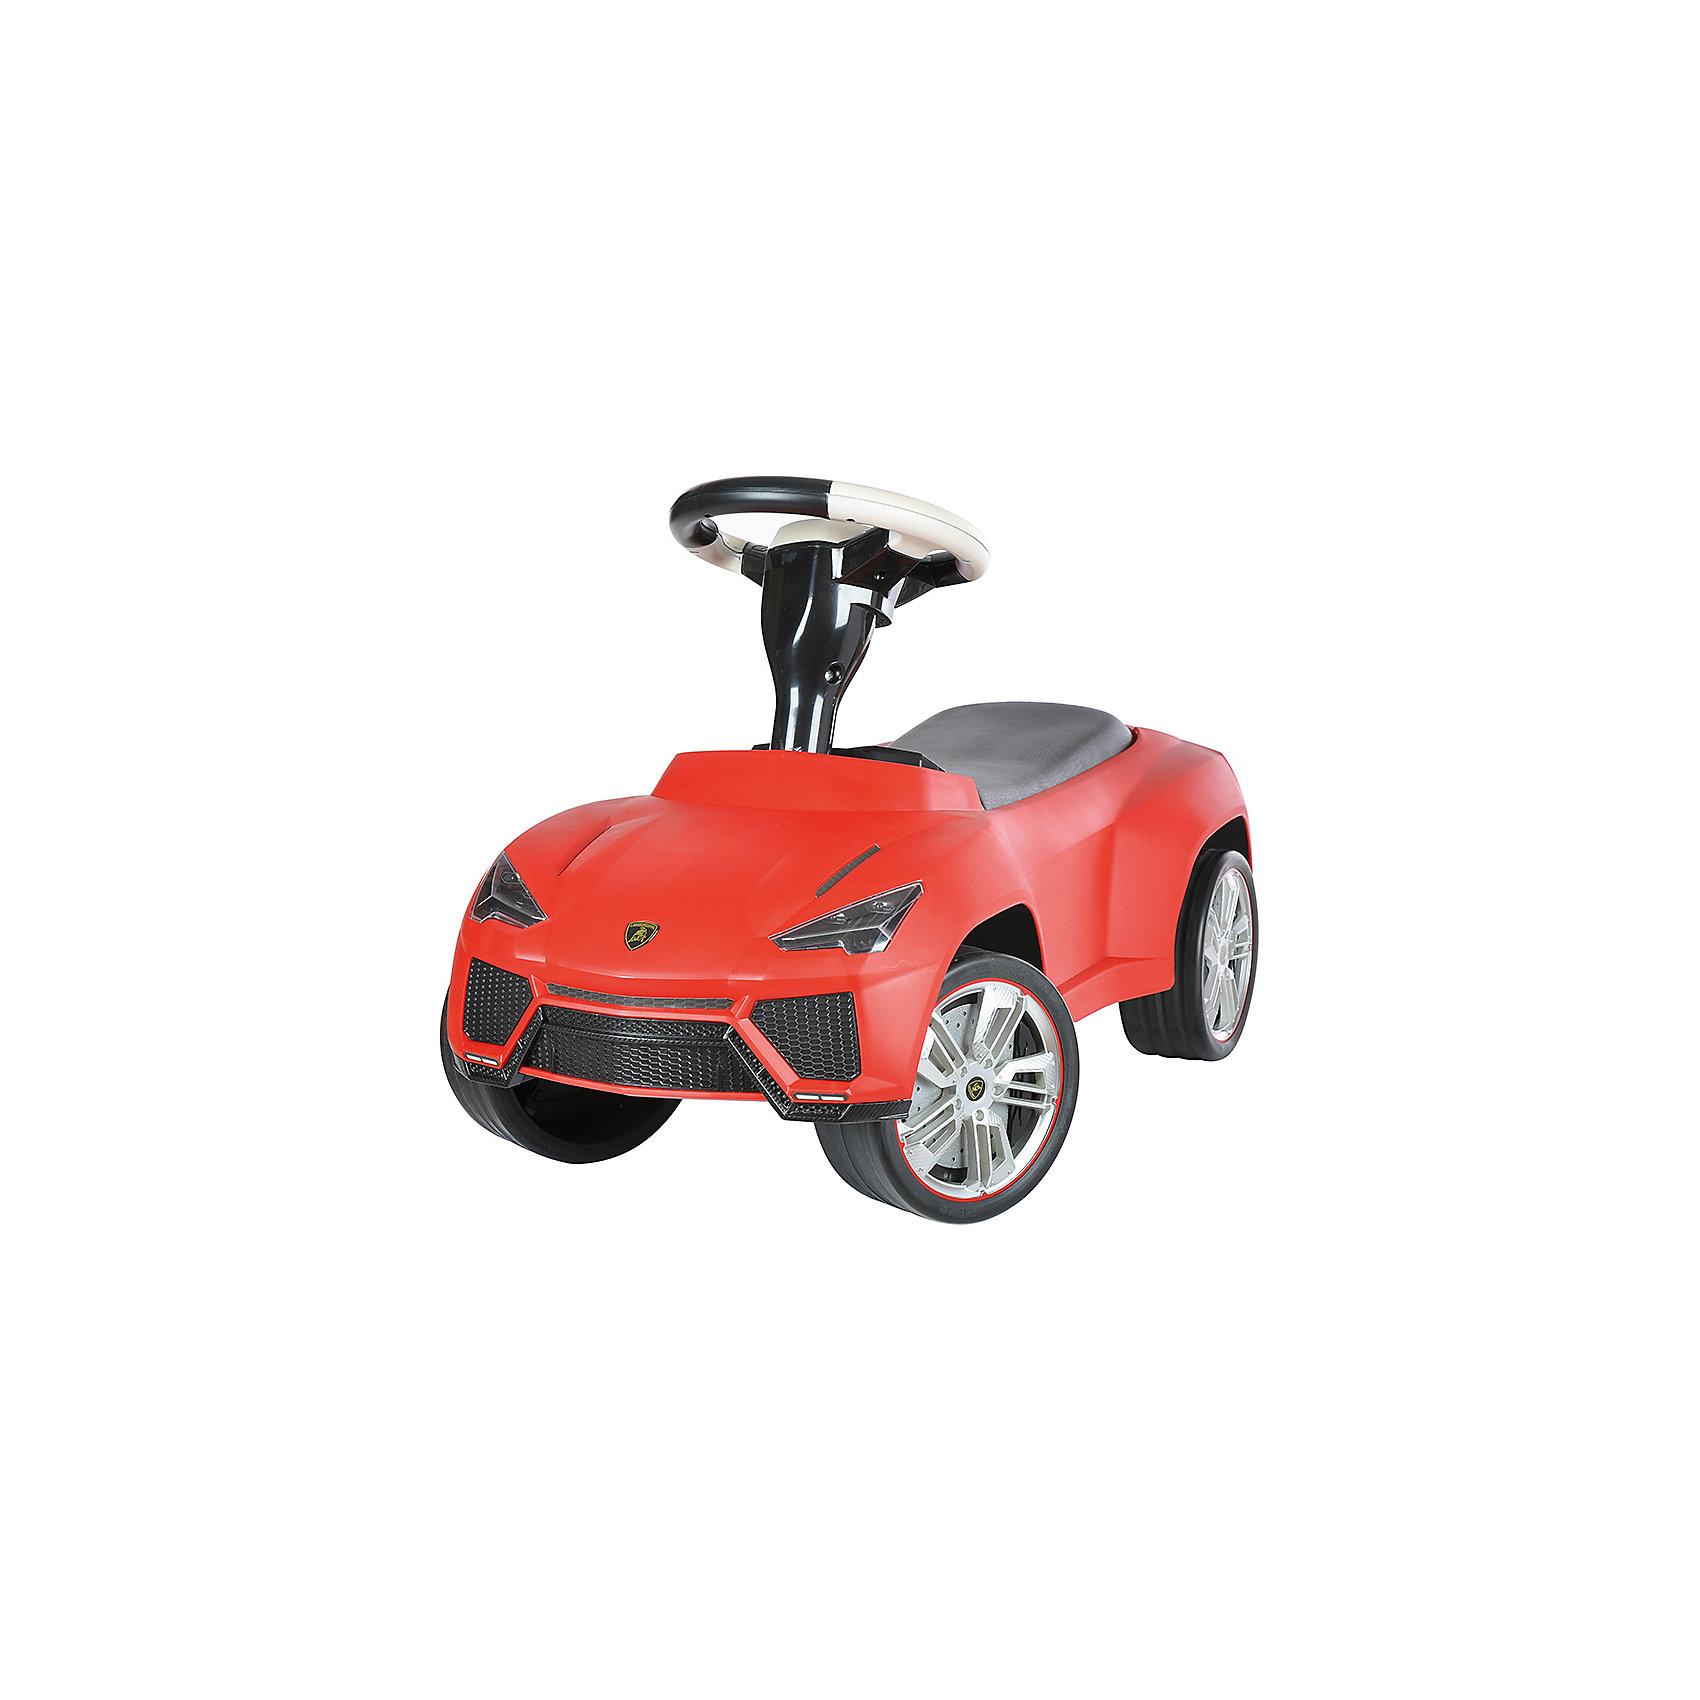 Каталка Lamborghini Urus, красный, RASTARКаталка Lamborghini Urus, красный, RASTAR - осчастливьте своего ребенка безопасной детской машиной.<br>Благодаря тому, что каталка имеет устойчивую конструкцию и колеса с поворотом на 90 градусов, она полностью безопасна для ребенка, даже если он любит быструю езду.  На руле есть кнопка для звукового сигнала. Ход машины очень плавный, может ездить вперед и назад. Есть вместительный багажник для игрушек или вещей, под сиденьем. Машина сделана под марку «Lamborghini».<br><br>Дополнительная информация:<br><br>- размер: 70 ? 30 ? 39 см<br>- вес: 2,7 кг<br>- возраст: от 1 до 3 лет<br>- максимальный вес: до 30 кг<br>- цвет: красный<br><br>Каталку Lamborghini Urus, красный, RASTAR можно купить в нашем интернет магазине.<br><br>Ширина мм: 650<br>Глубина мм: 350<br>Высота мм: 300<br>Вес г: 3800<br>Возраст от месяцев: 12<br>Возраст до месяцев: 36<br>Пол: Унисекс<br>Возраст: Детский<br>SKU: 4995161